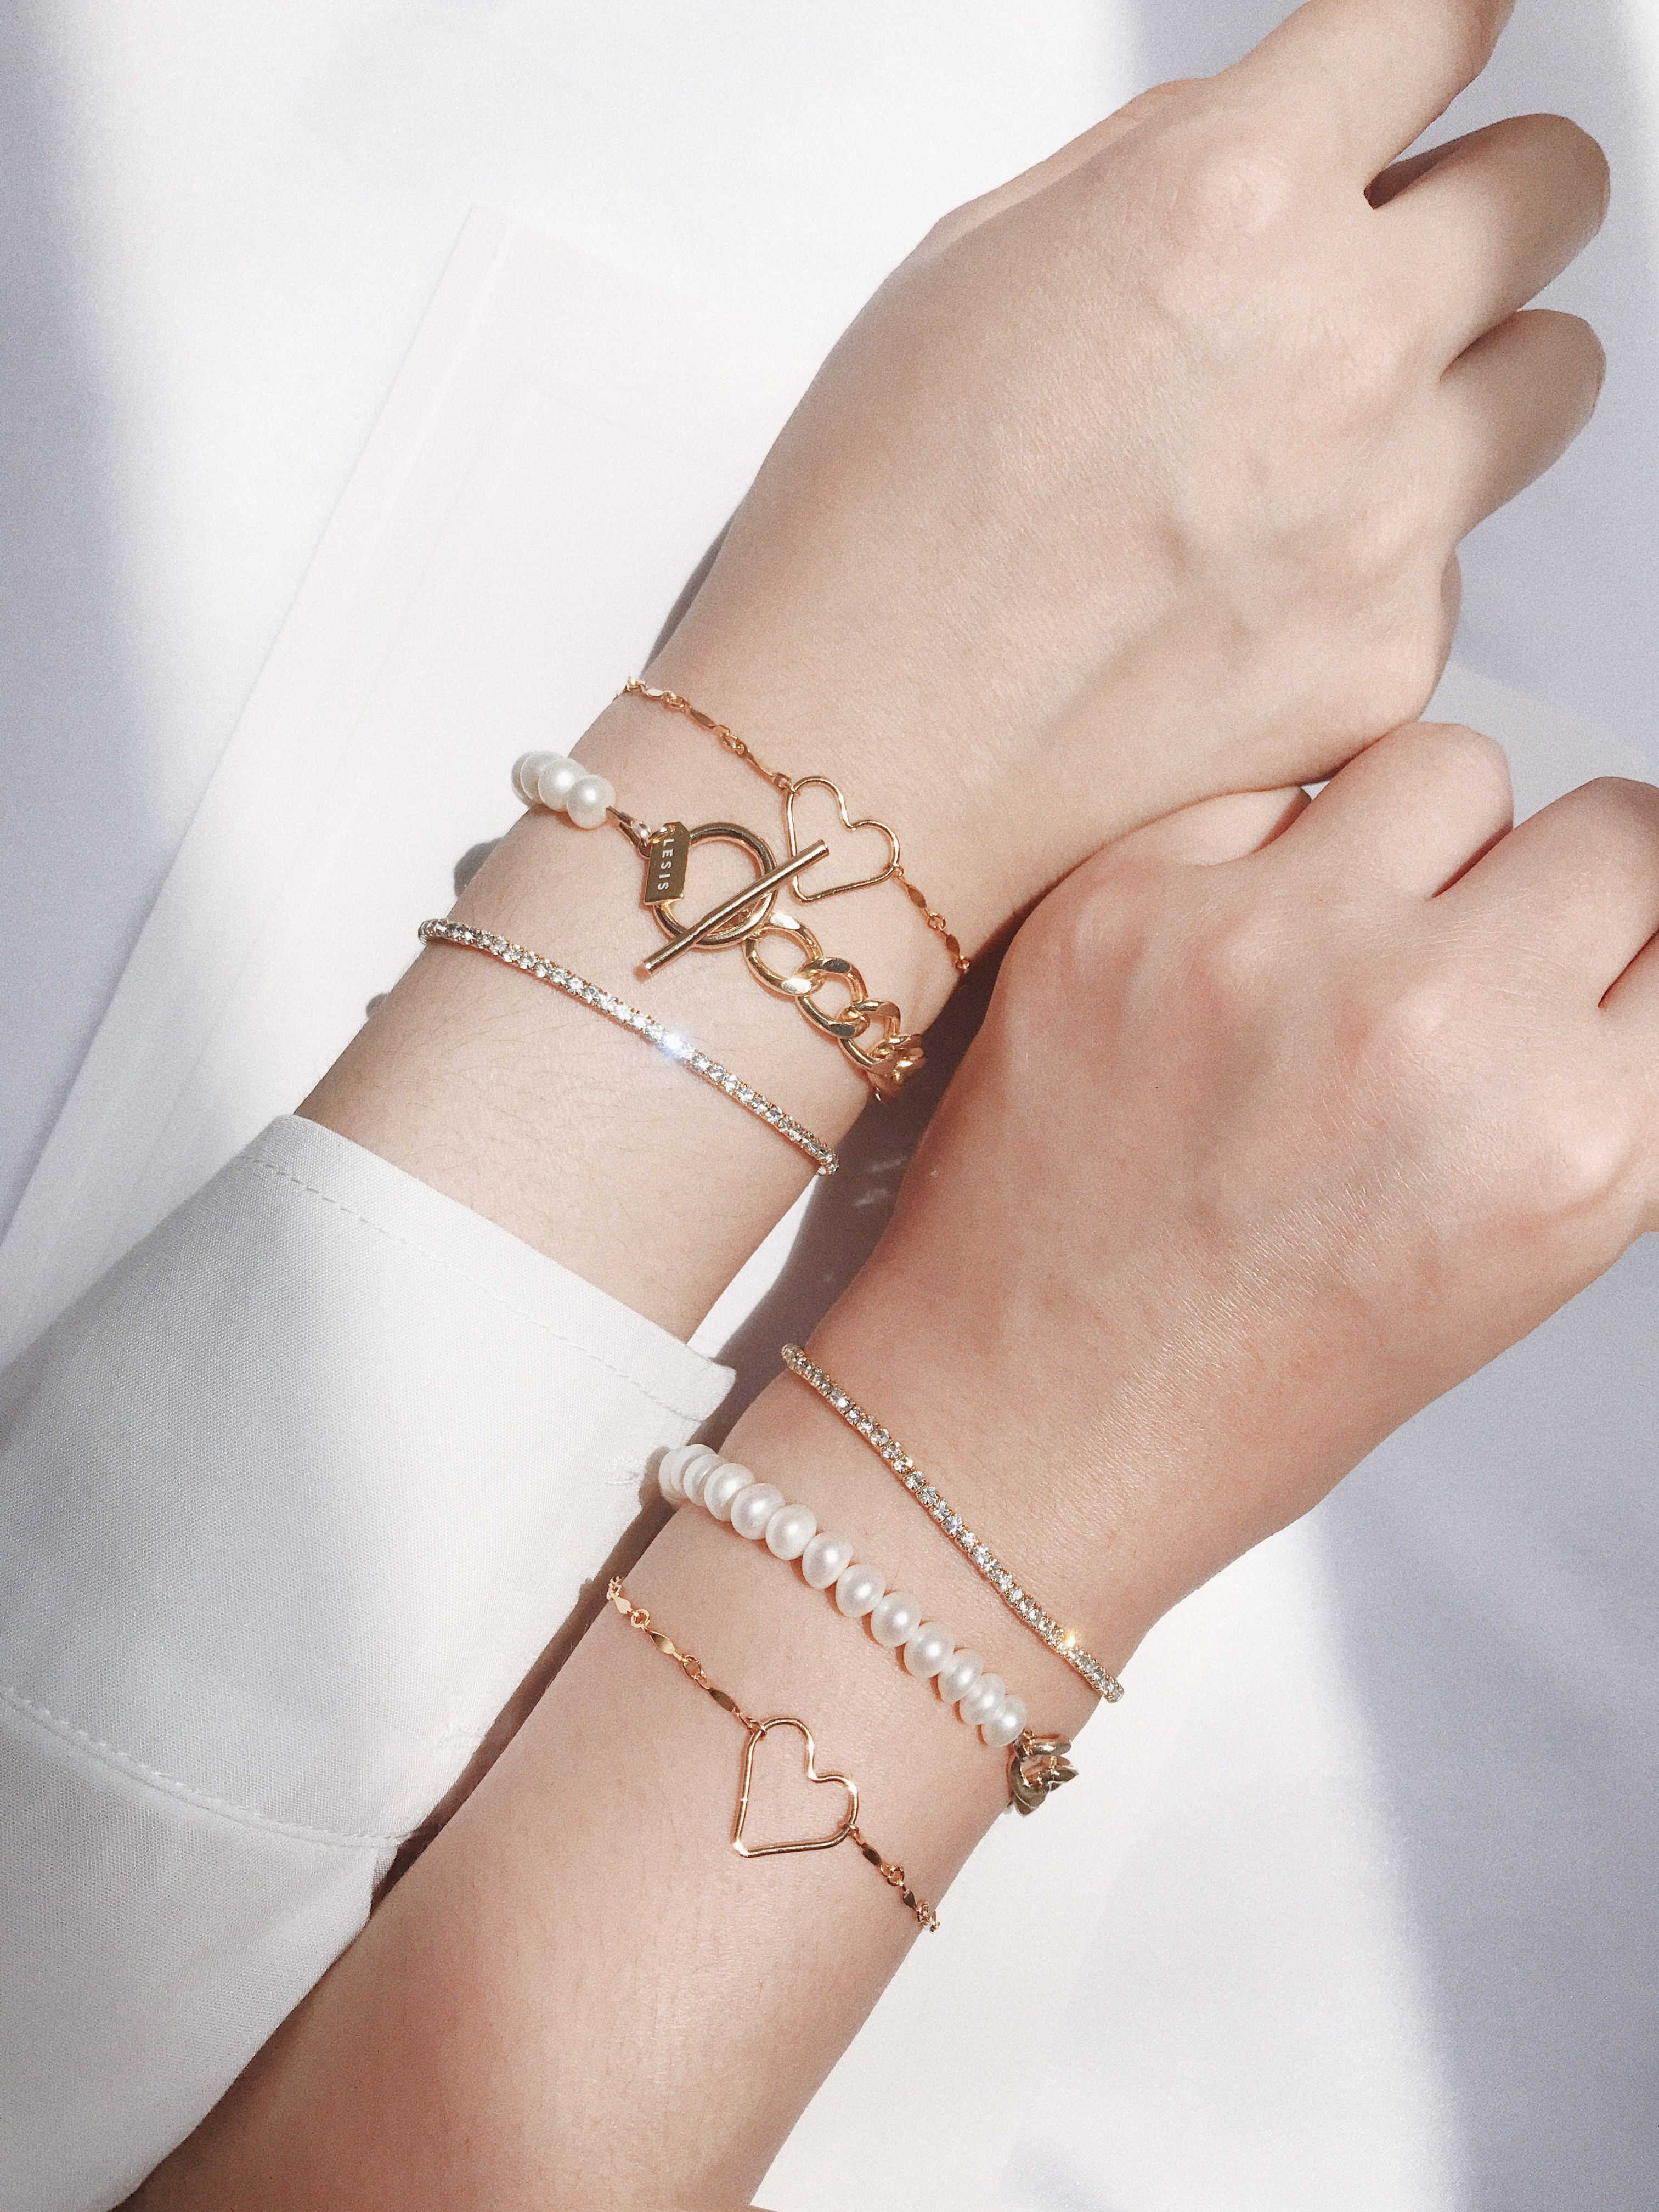 LESIS, 珍珠, 金屬, 都會, 小資女, 輕珠寶, 配件, 飾品, 手環, 手鍊, 穿搭